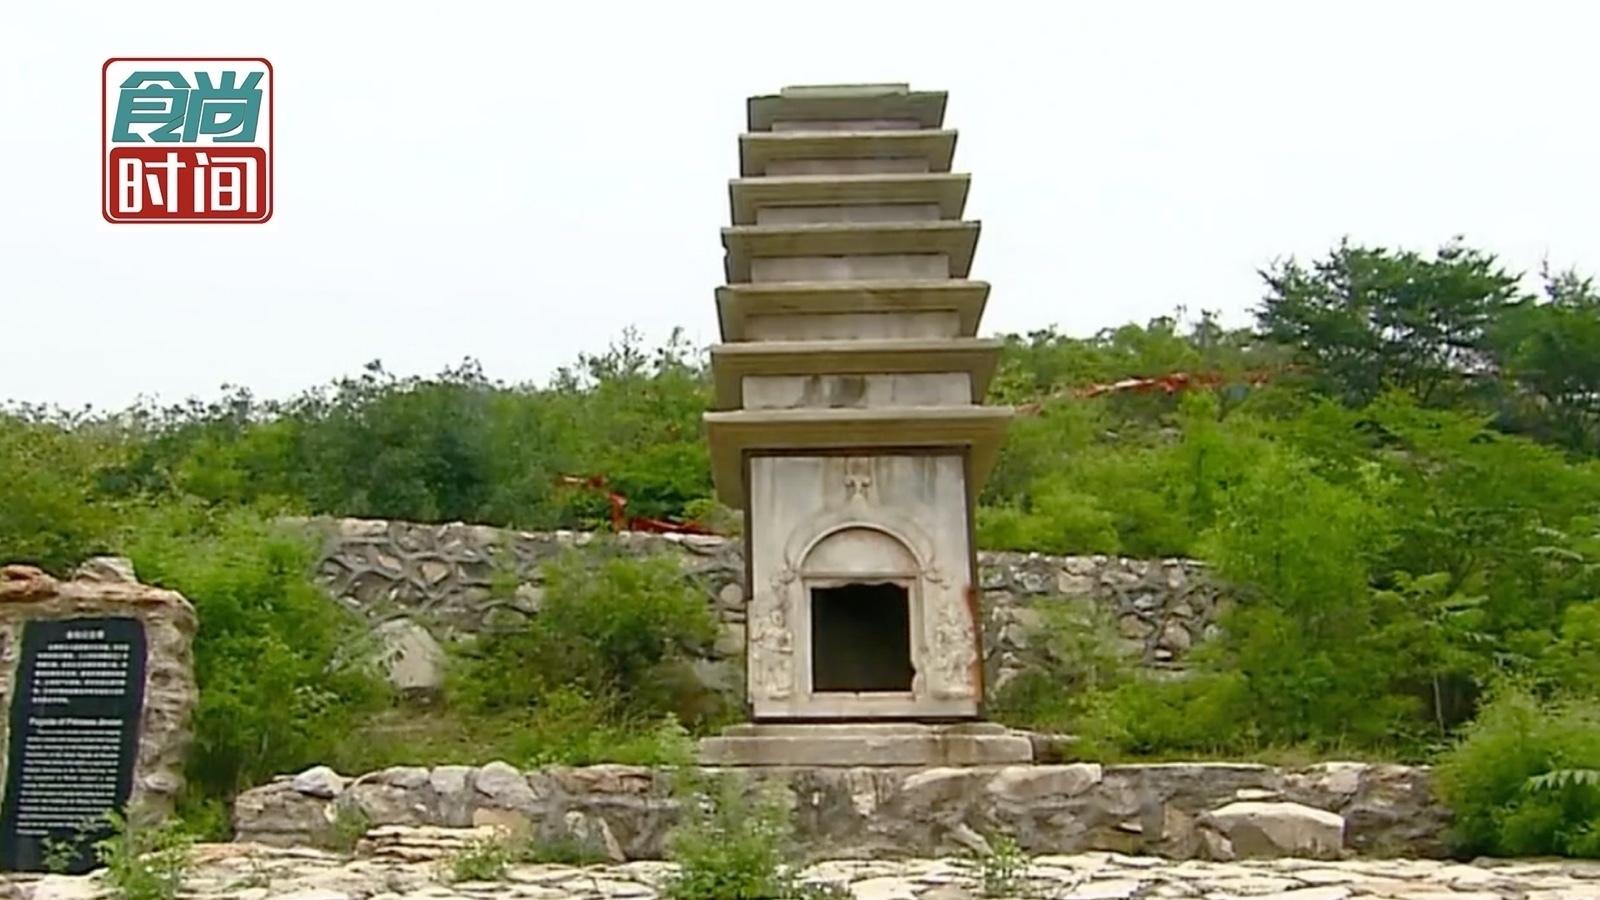 「炸酱面加油!」云游北京城 探寻好风景:有人为逃婚公主修建纪念塔